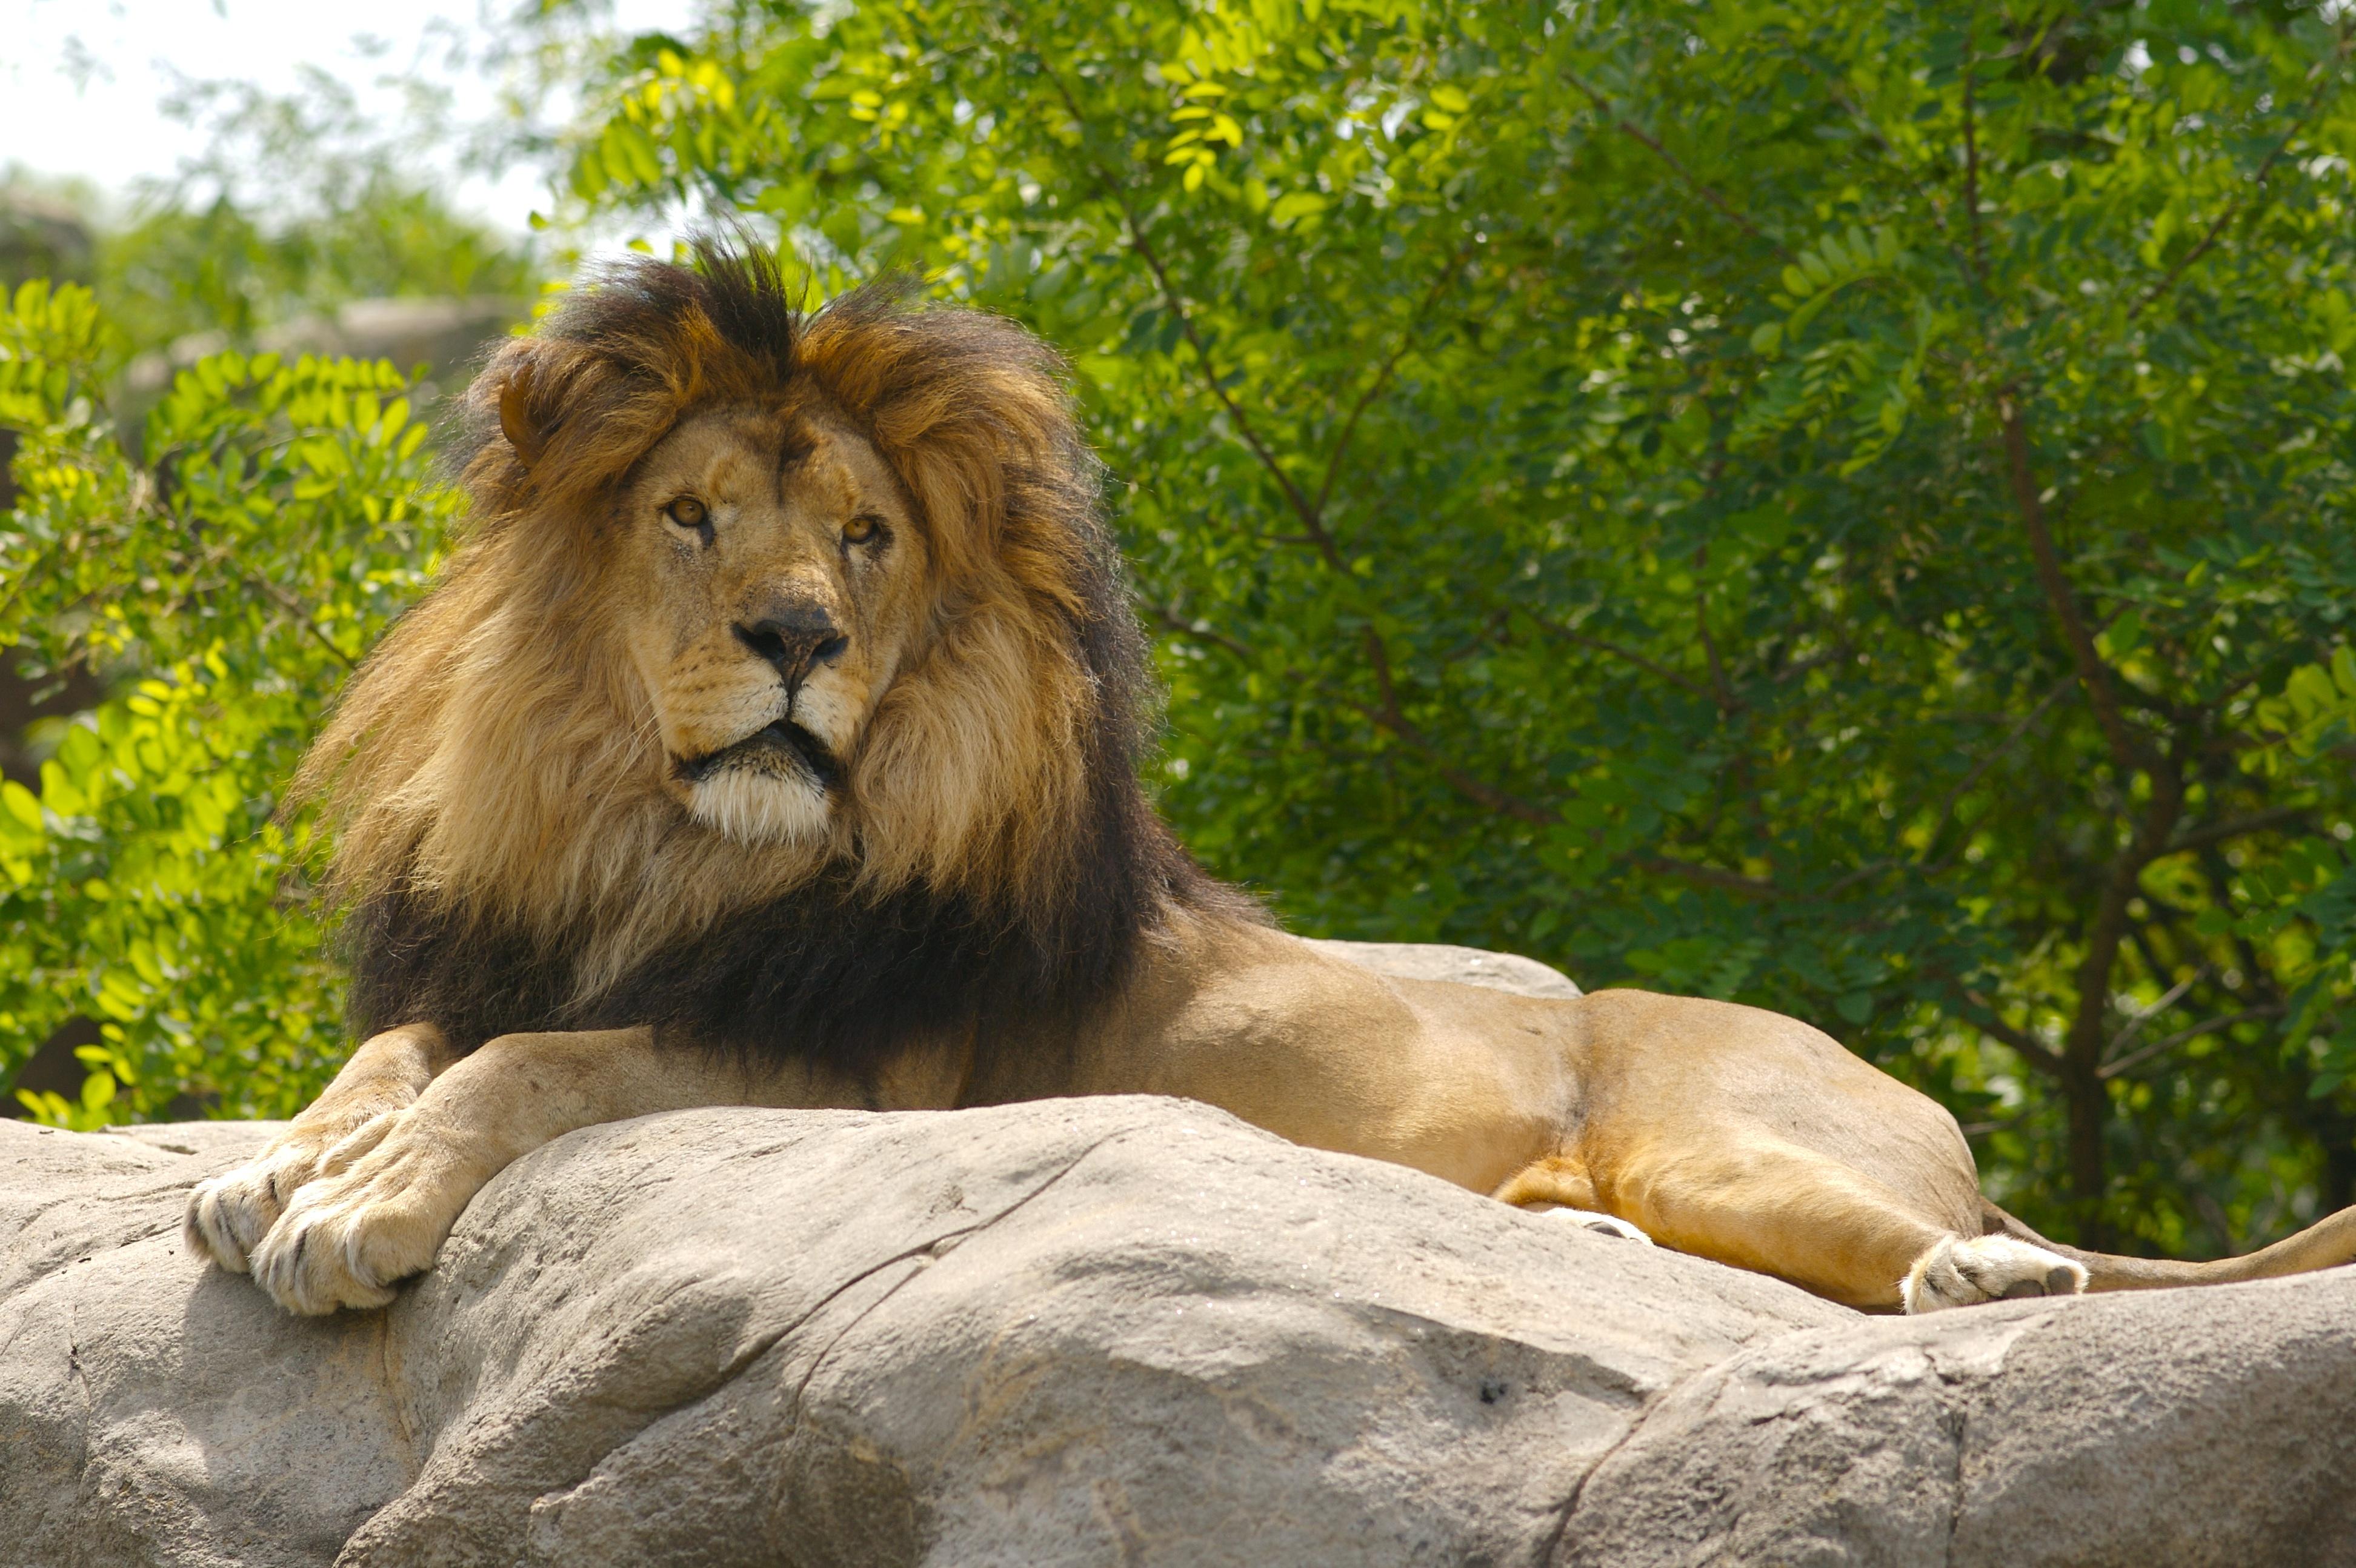 85706 Protetores de tela e papéis de parede Rei Das Feras em seu telefone. Baixe Animais, Leão, Um Leão, Patas, Rei Das Feras, Rei Das Bestas fotos gratuitamente